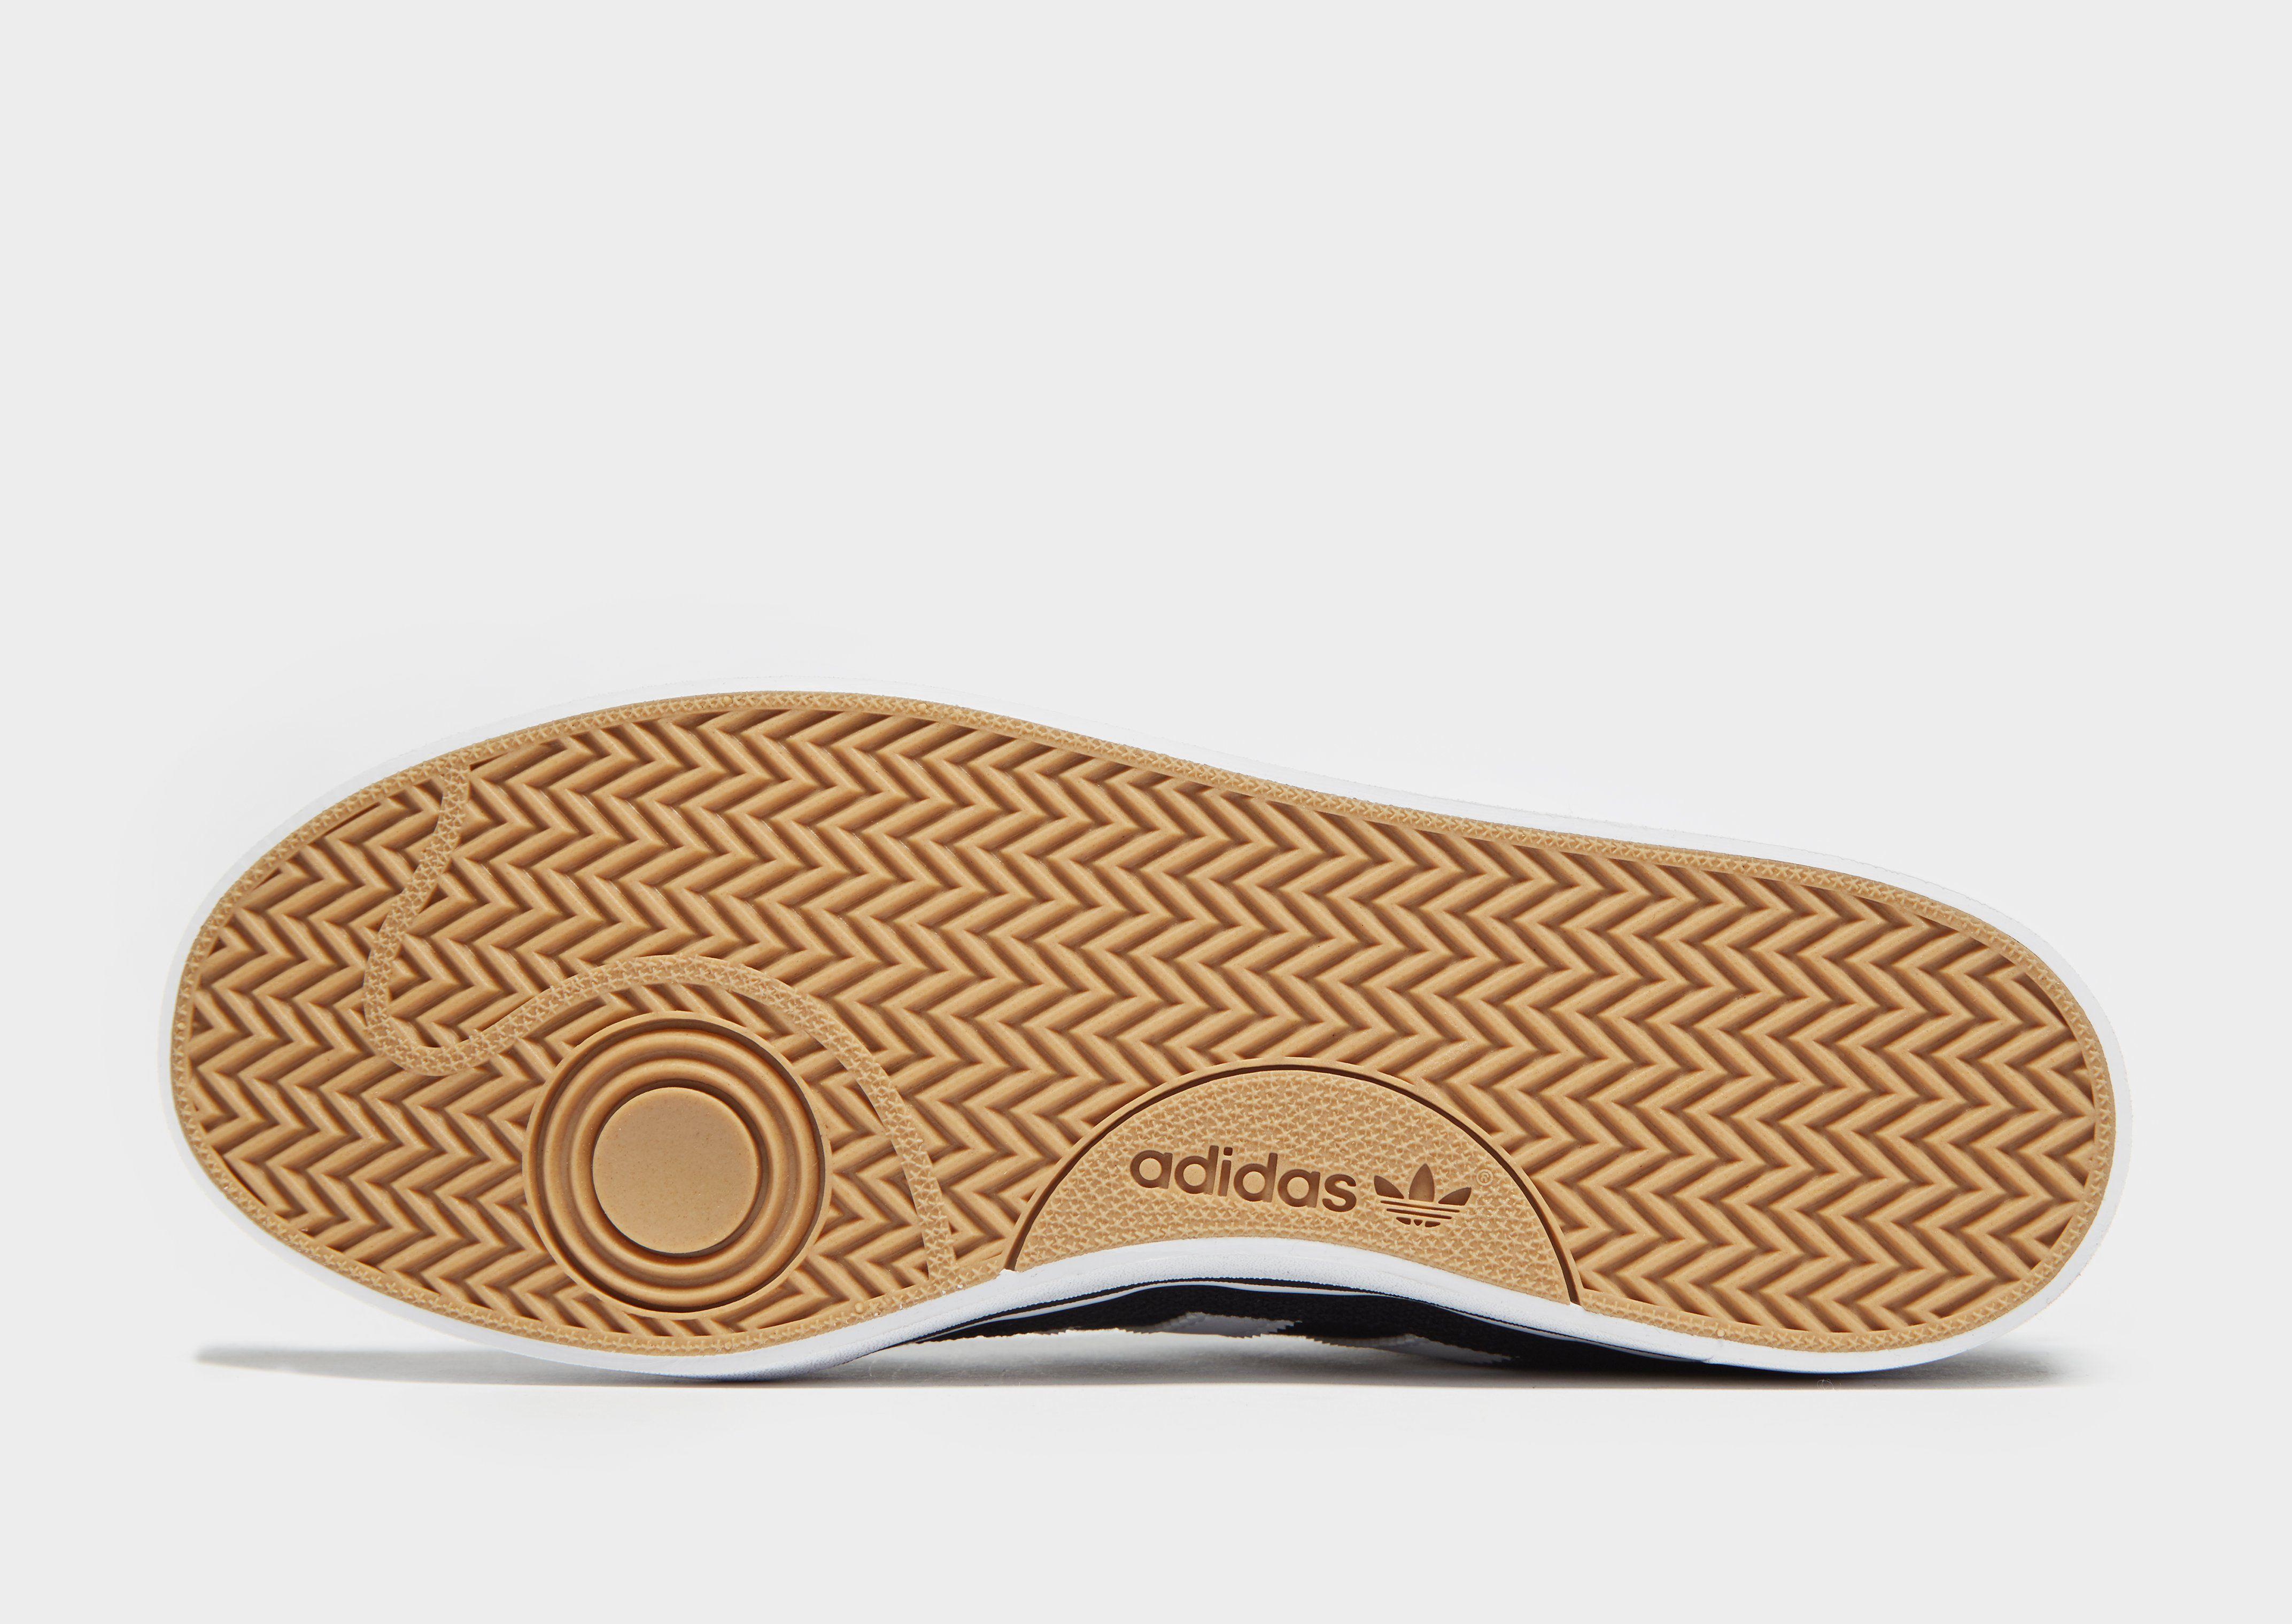 adidas Skateboarding Rayado Lo Schwarz Bestes Großhandel Online Verkauf Erhalten Zu Kaufen Rabatt Aaa Auslass-Angebote 2lVPmjfU7q